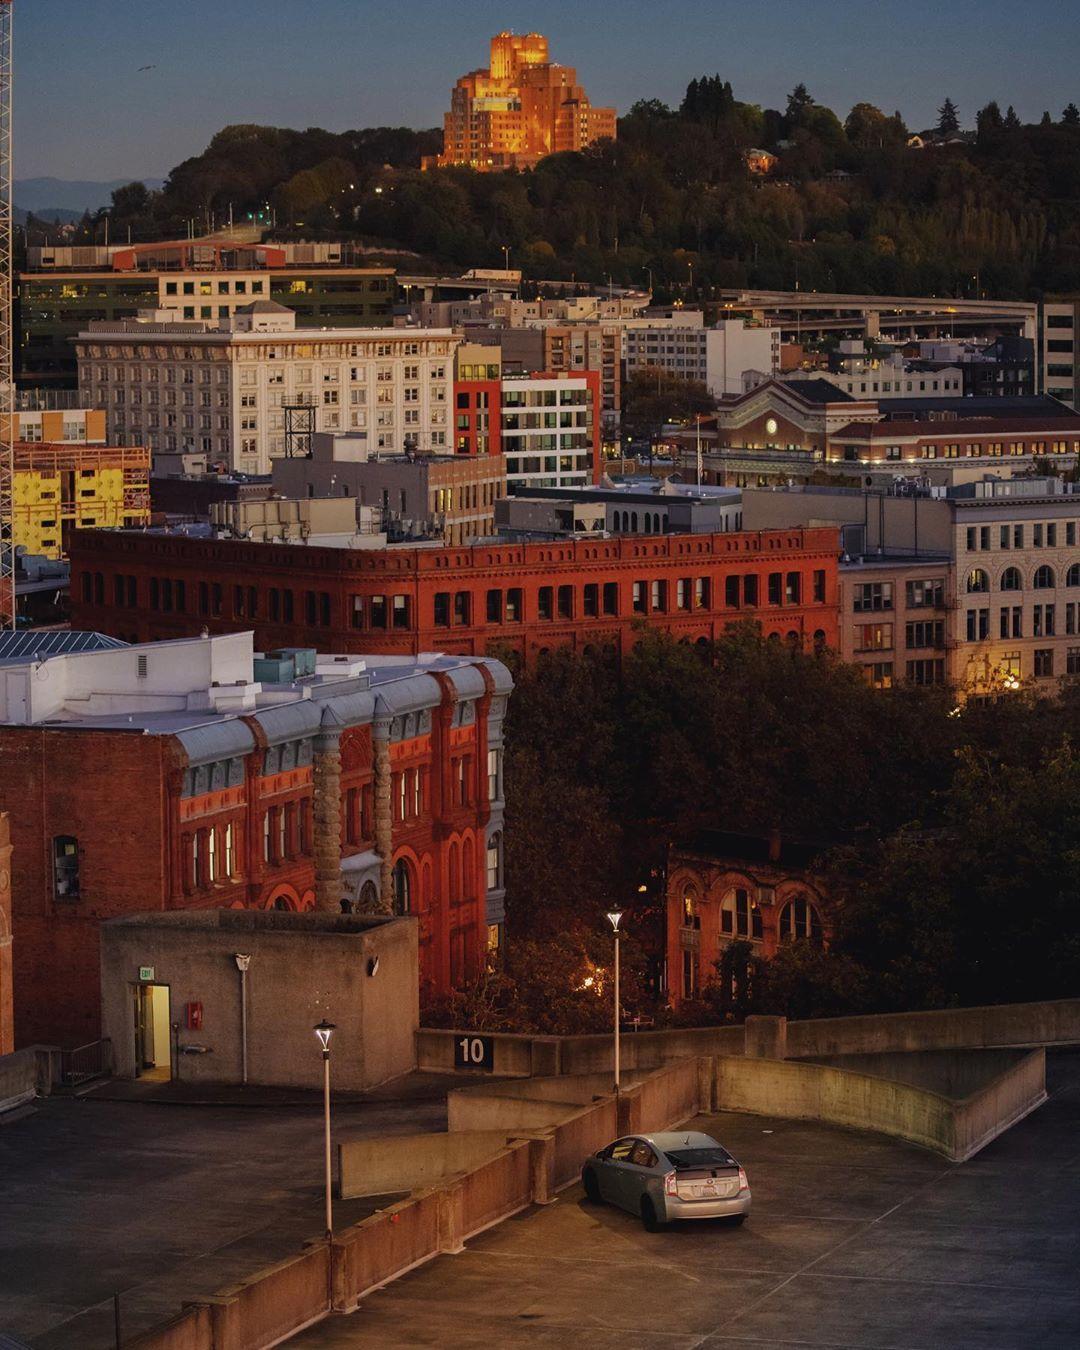 夜幕降临时,西雅图城市一角像被按下了静音键。Photo by Sam H.